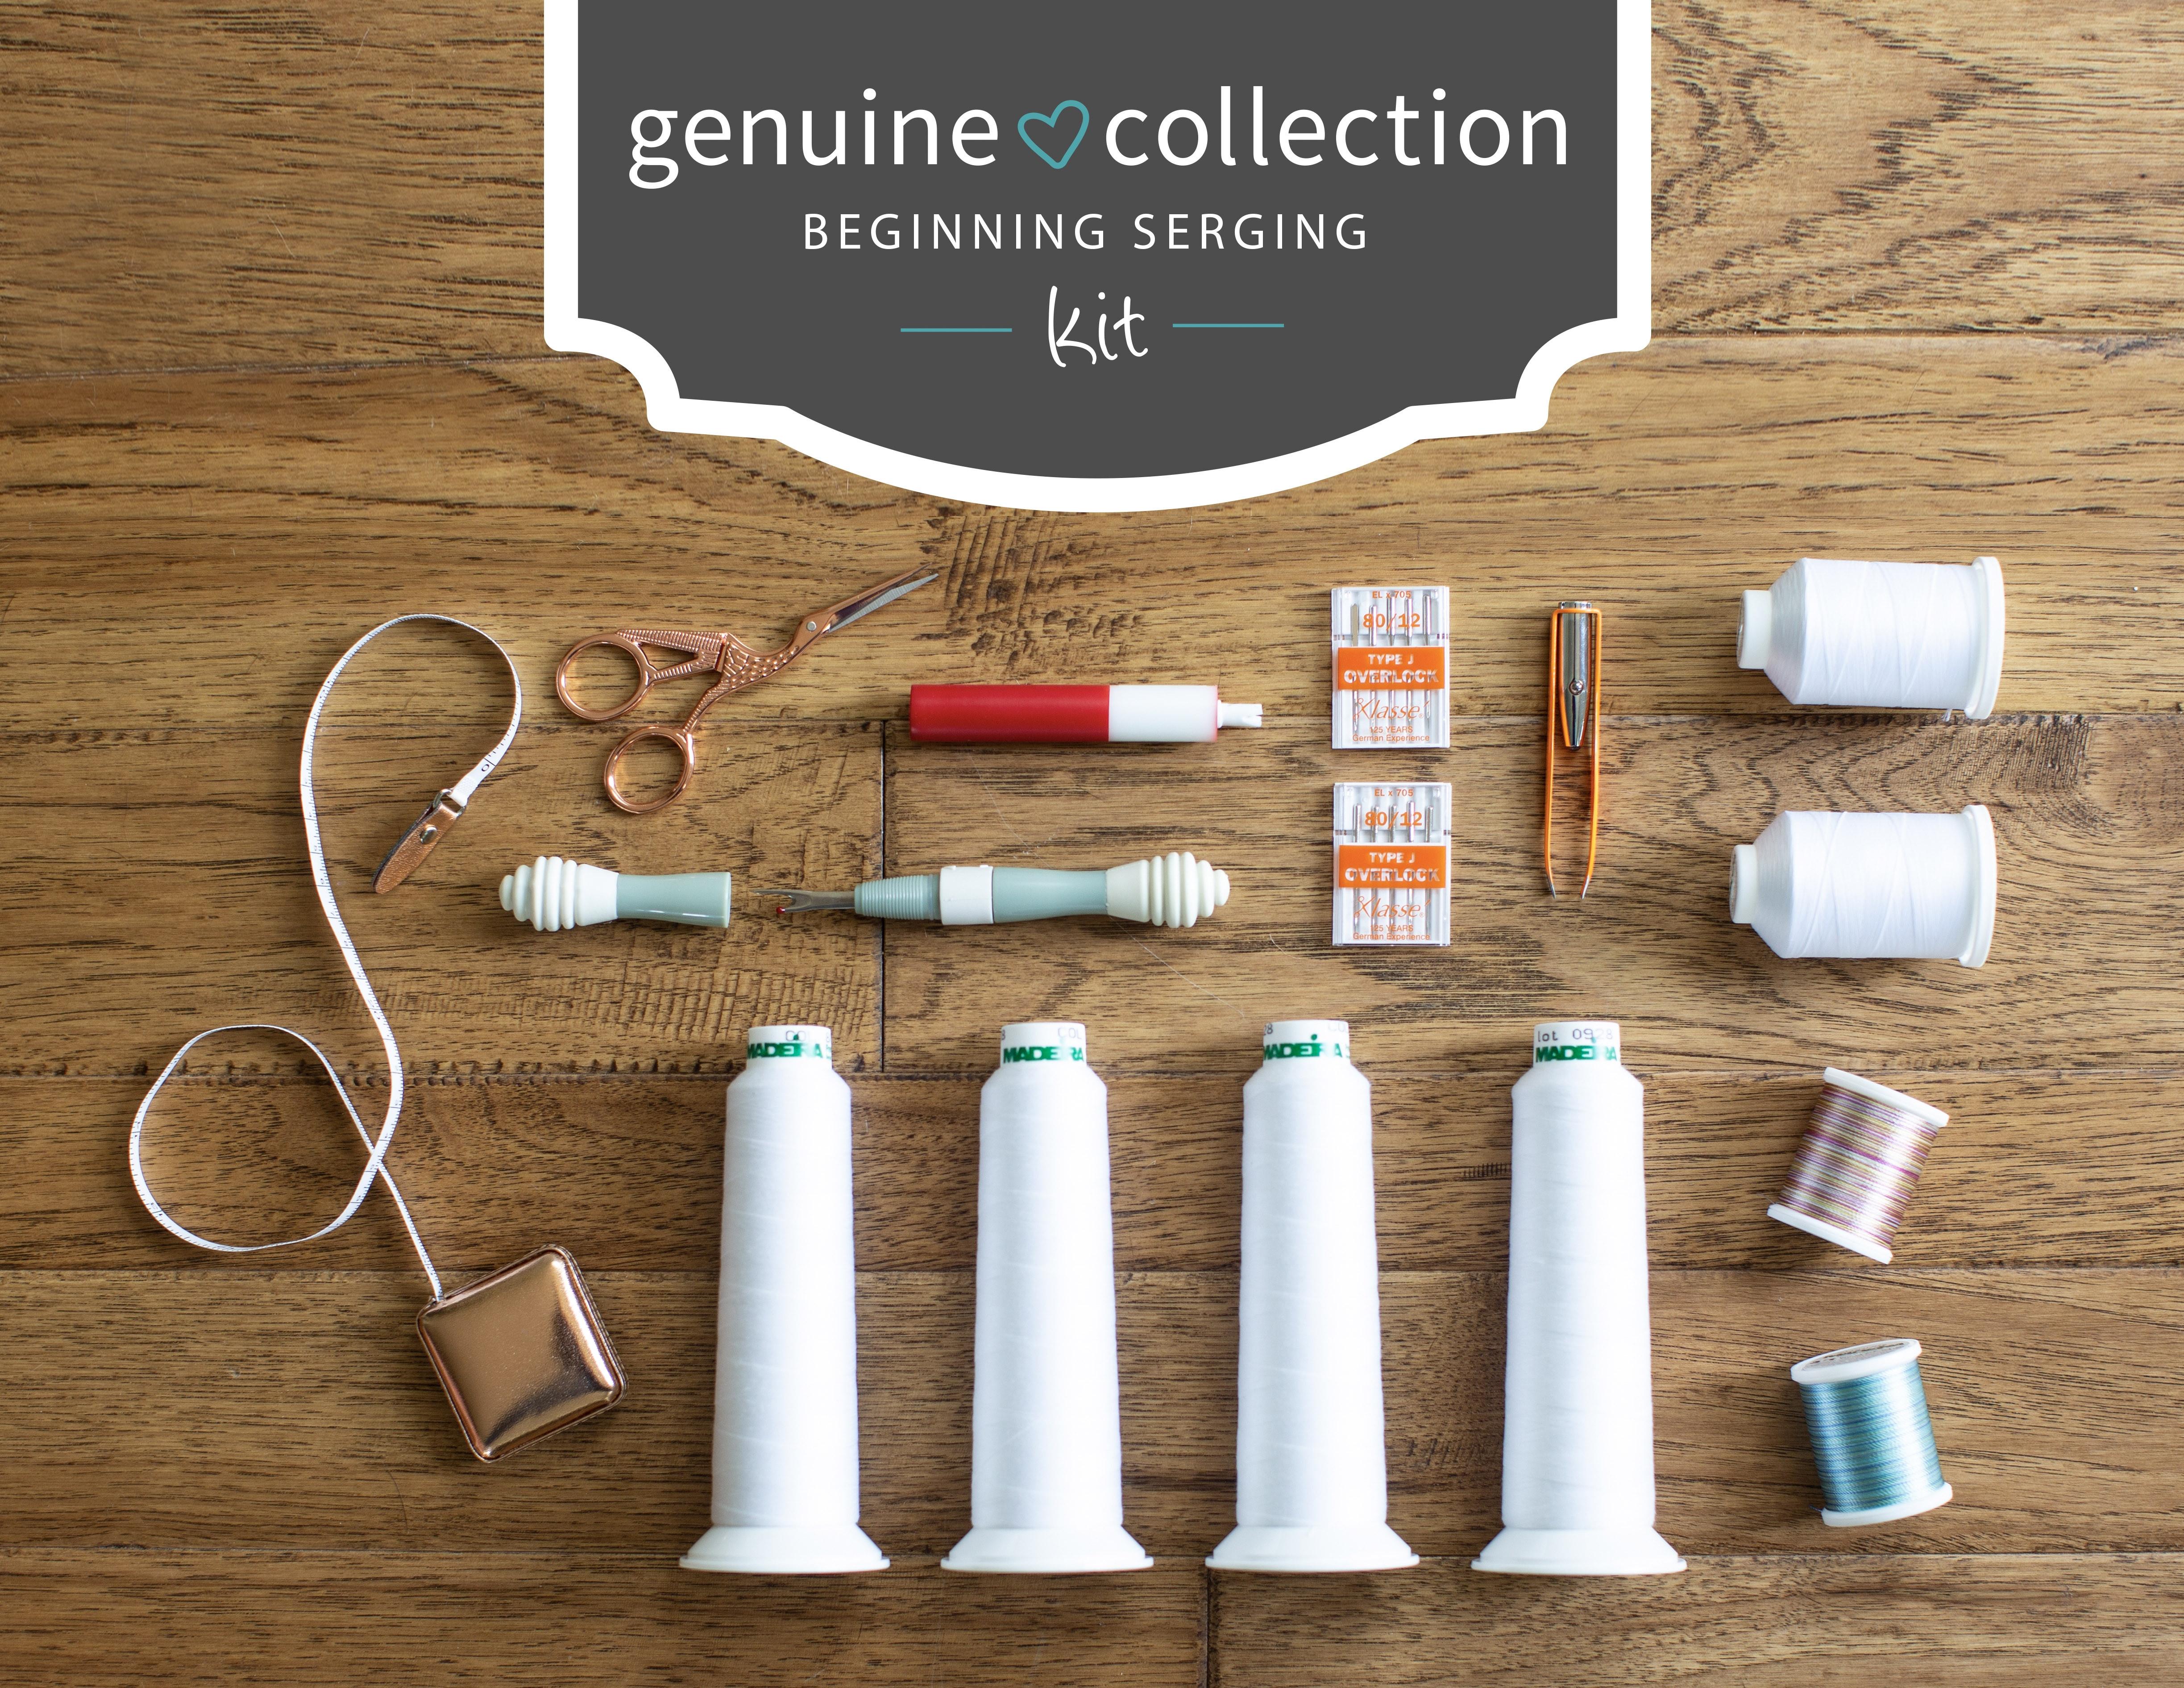 Baby Lock Genuine Collection Serging Kit - BLGCSGK - Baby Lock